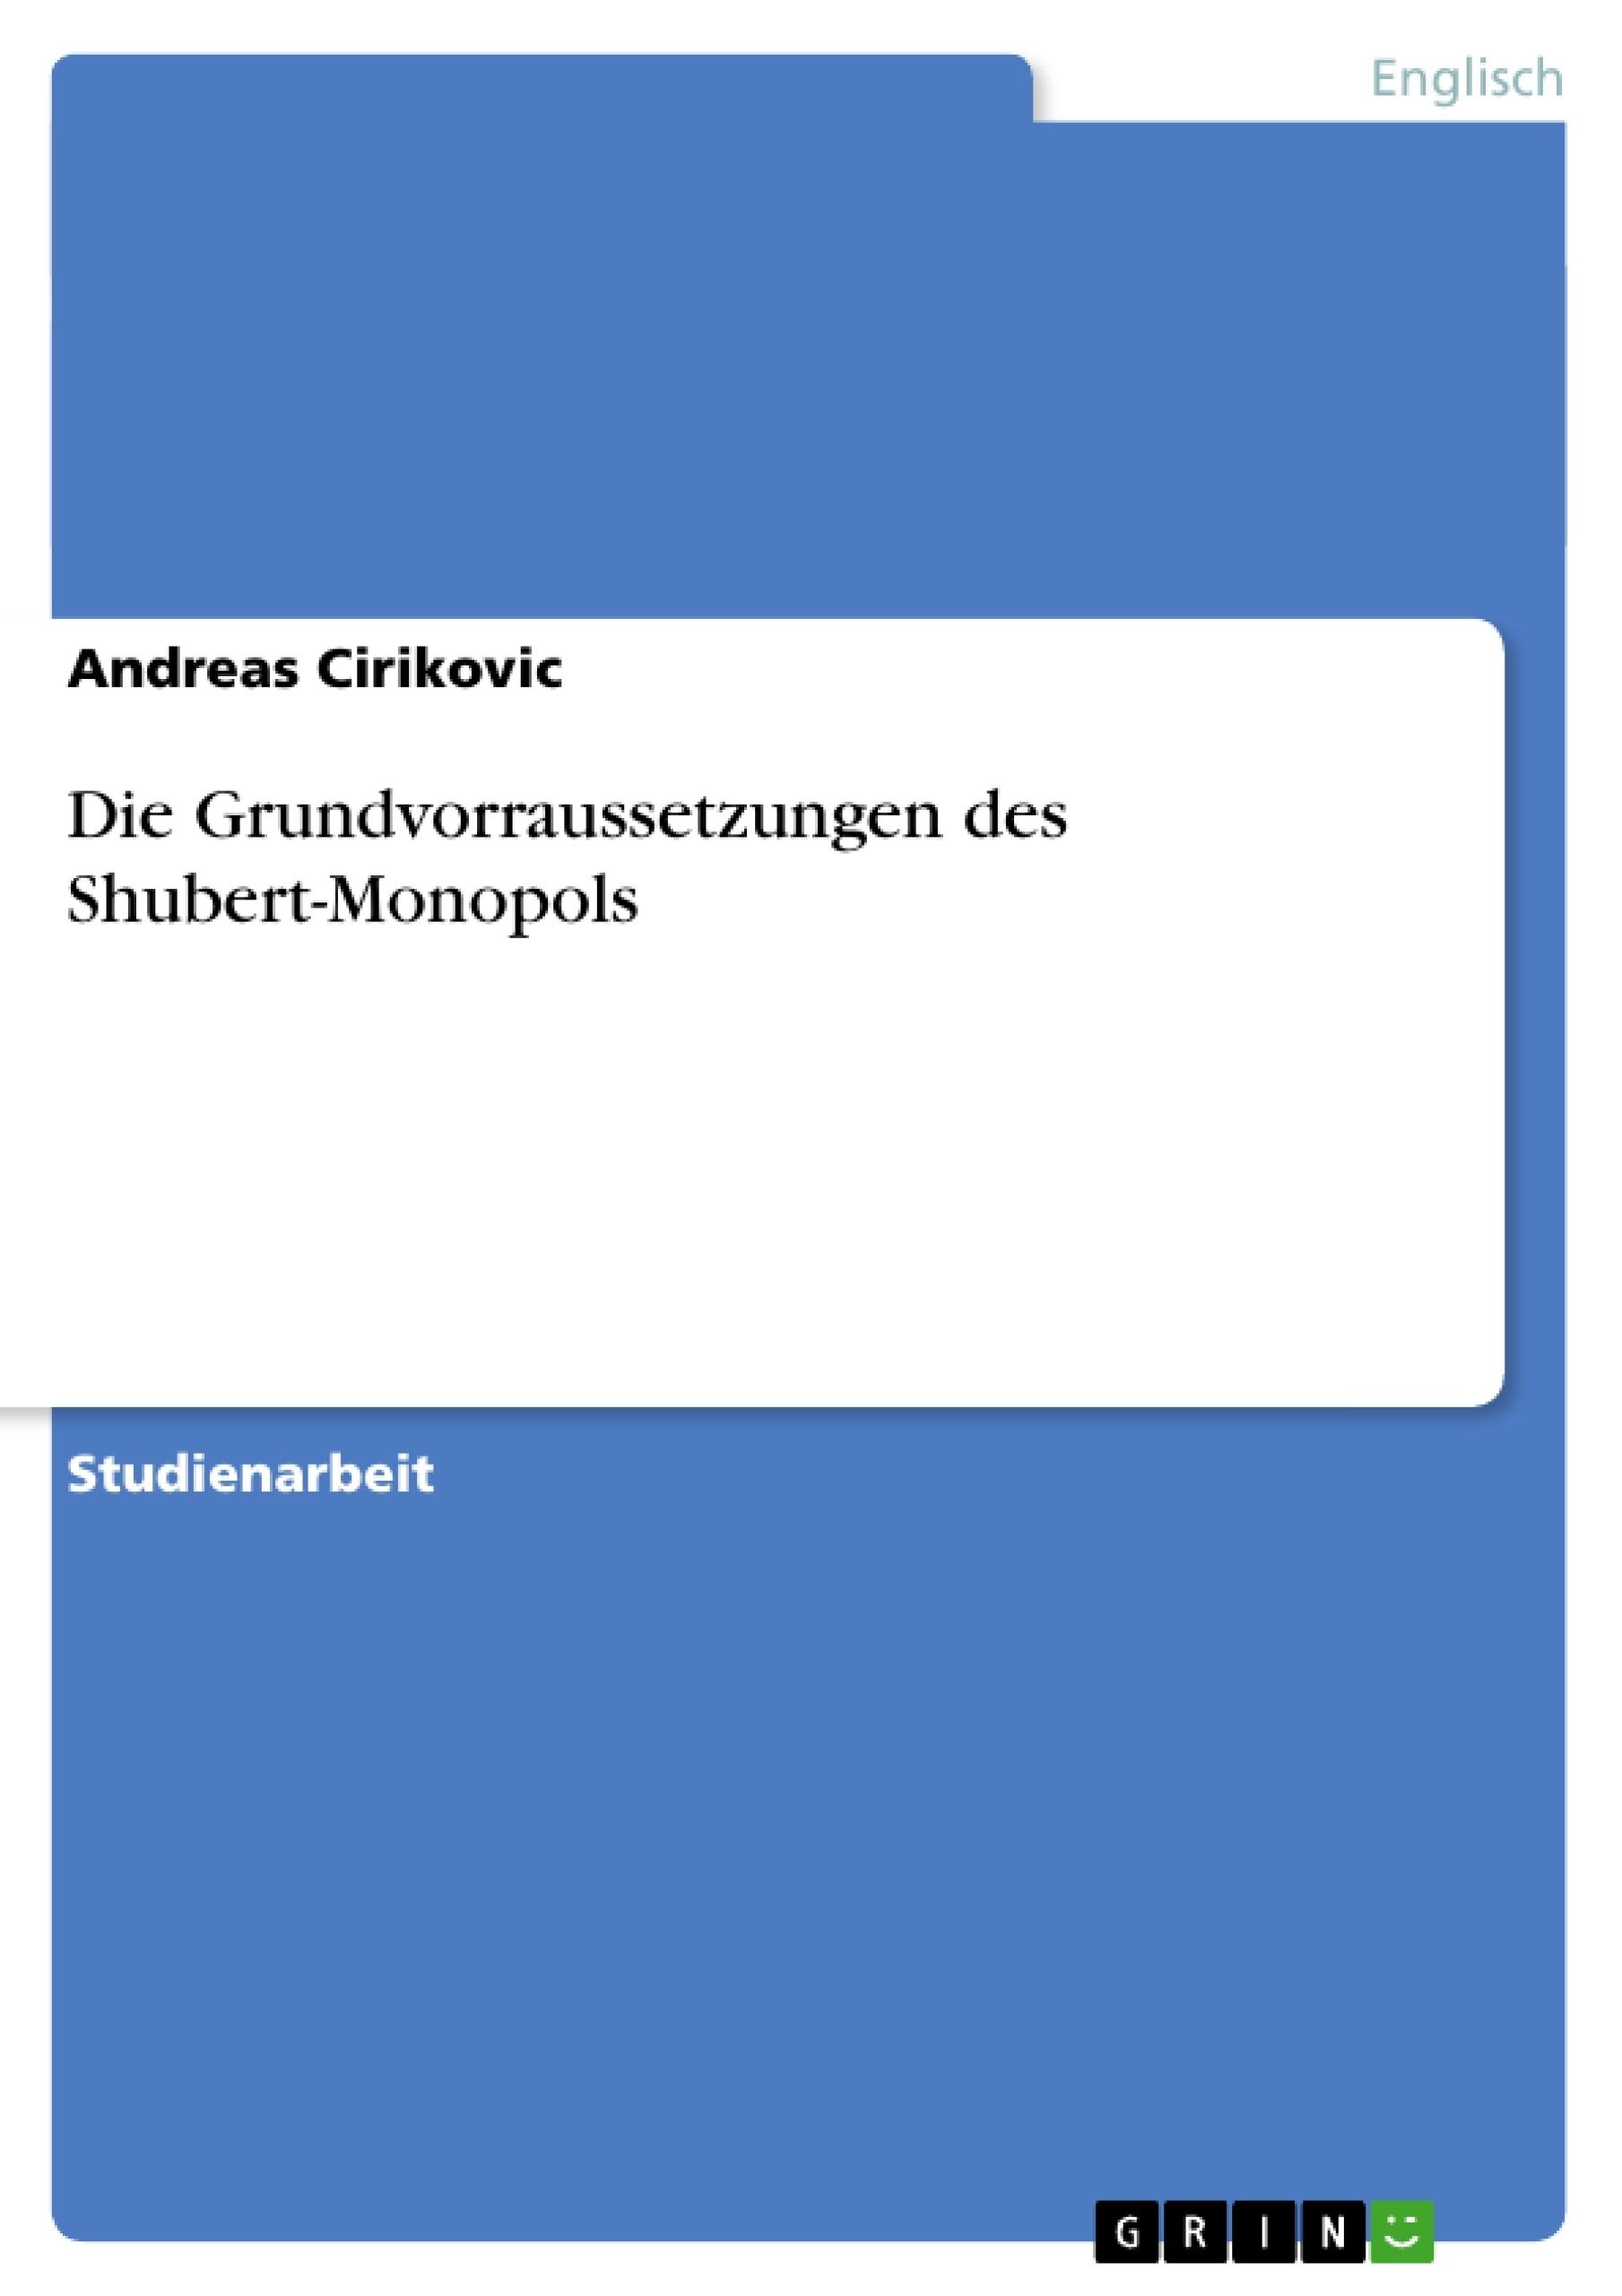 Titel: Die Grundvorraussetzungen des Shubert-Monopols